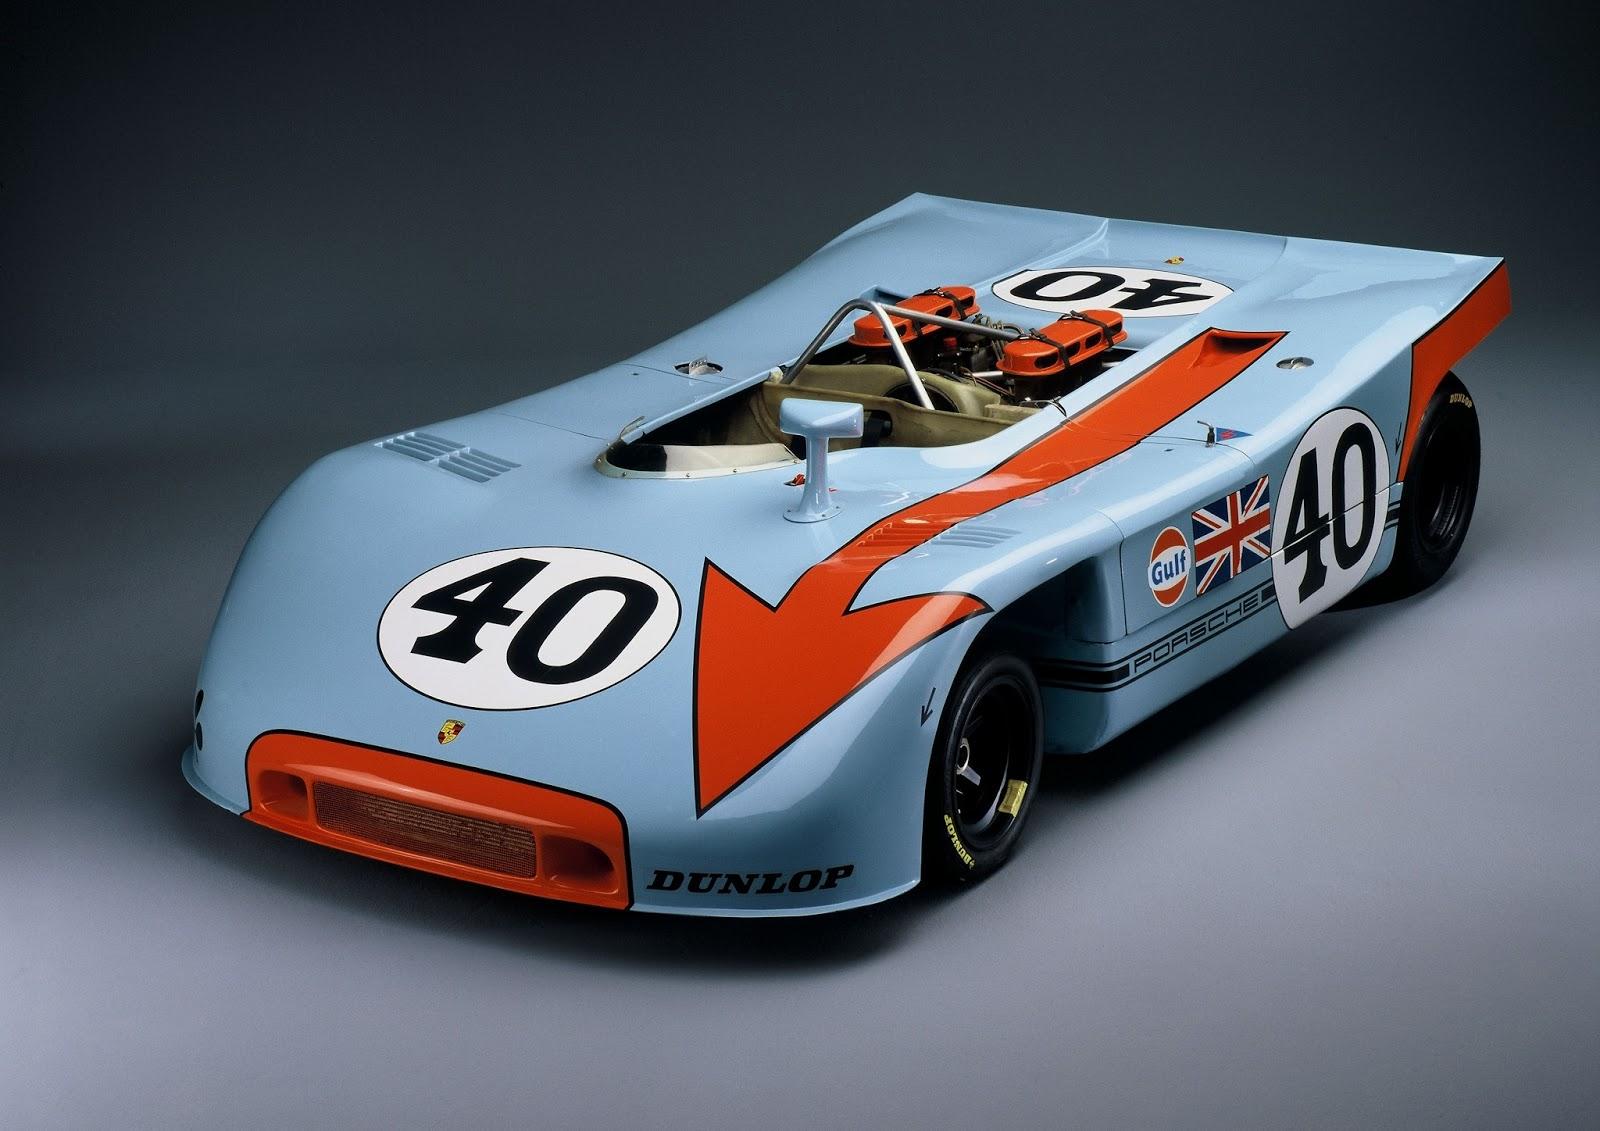 Porsche 908/03 Targa Florio